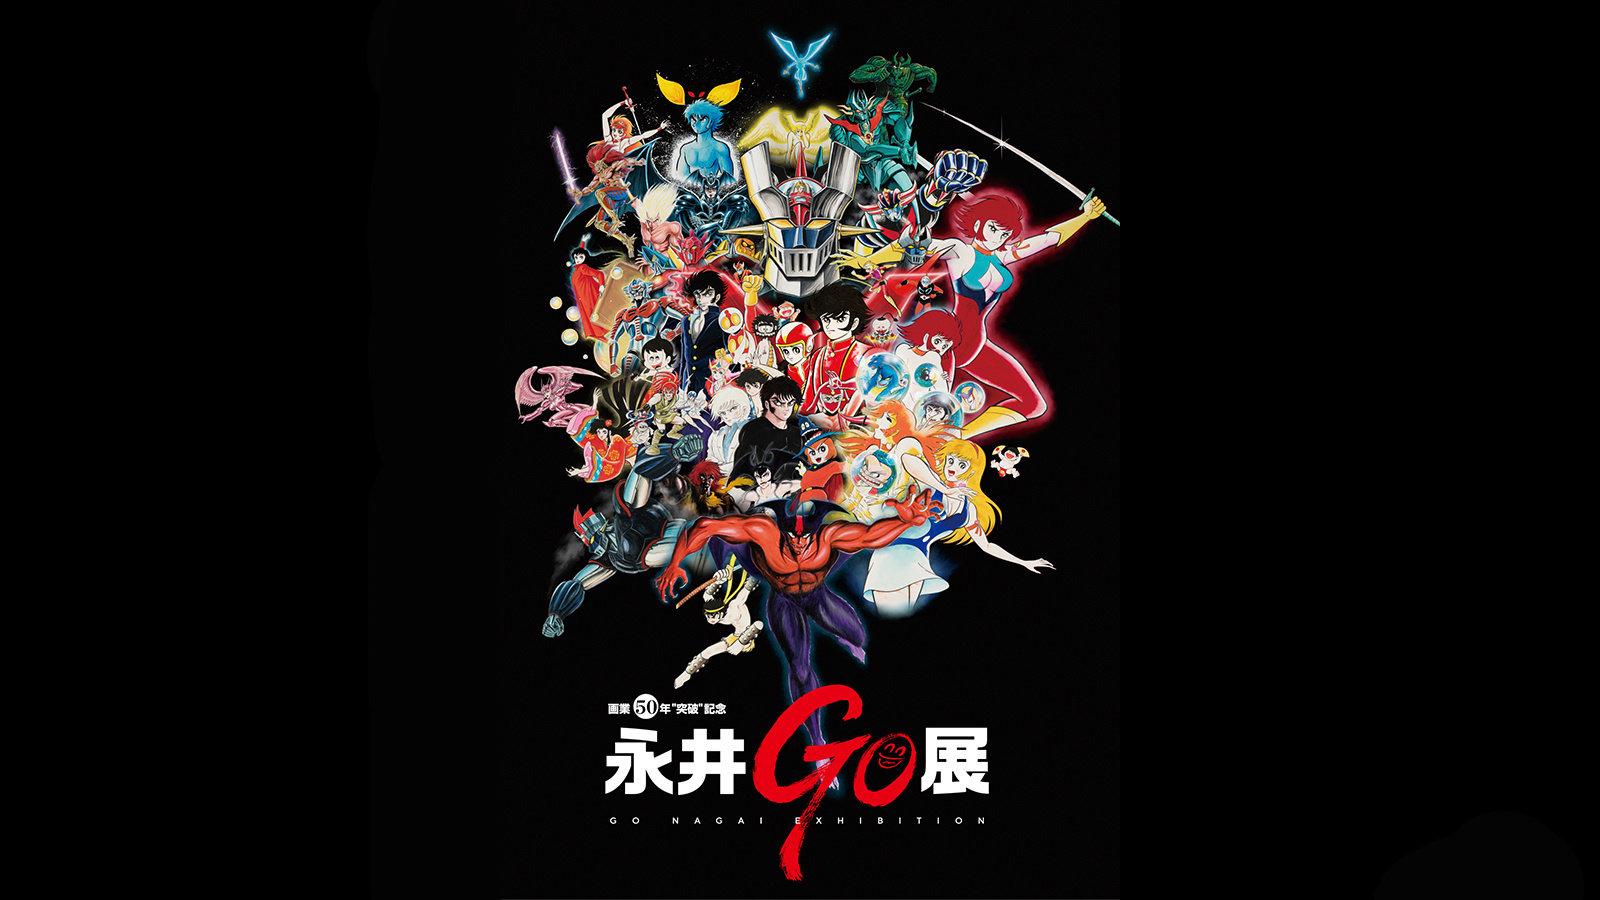 永井豪「画业 50 年突破纪念 永井GO展」已于 9 月 8 日在大阪开幕